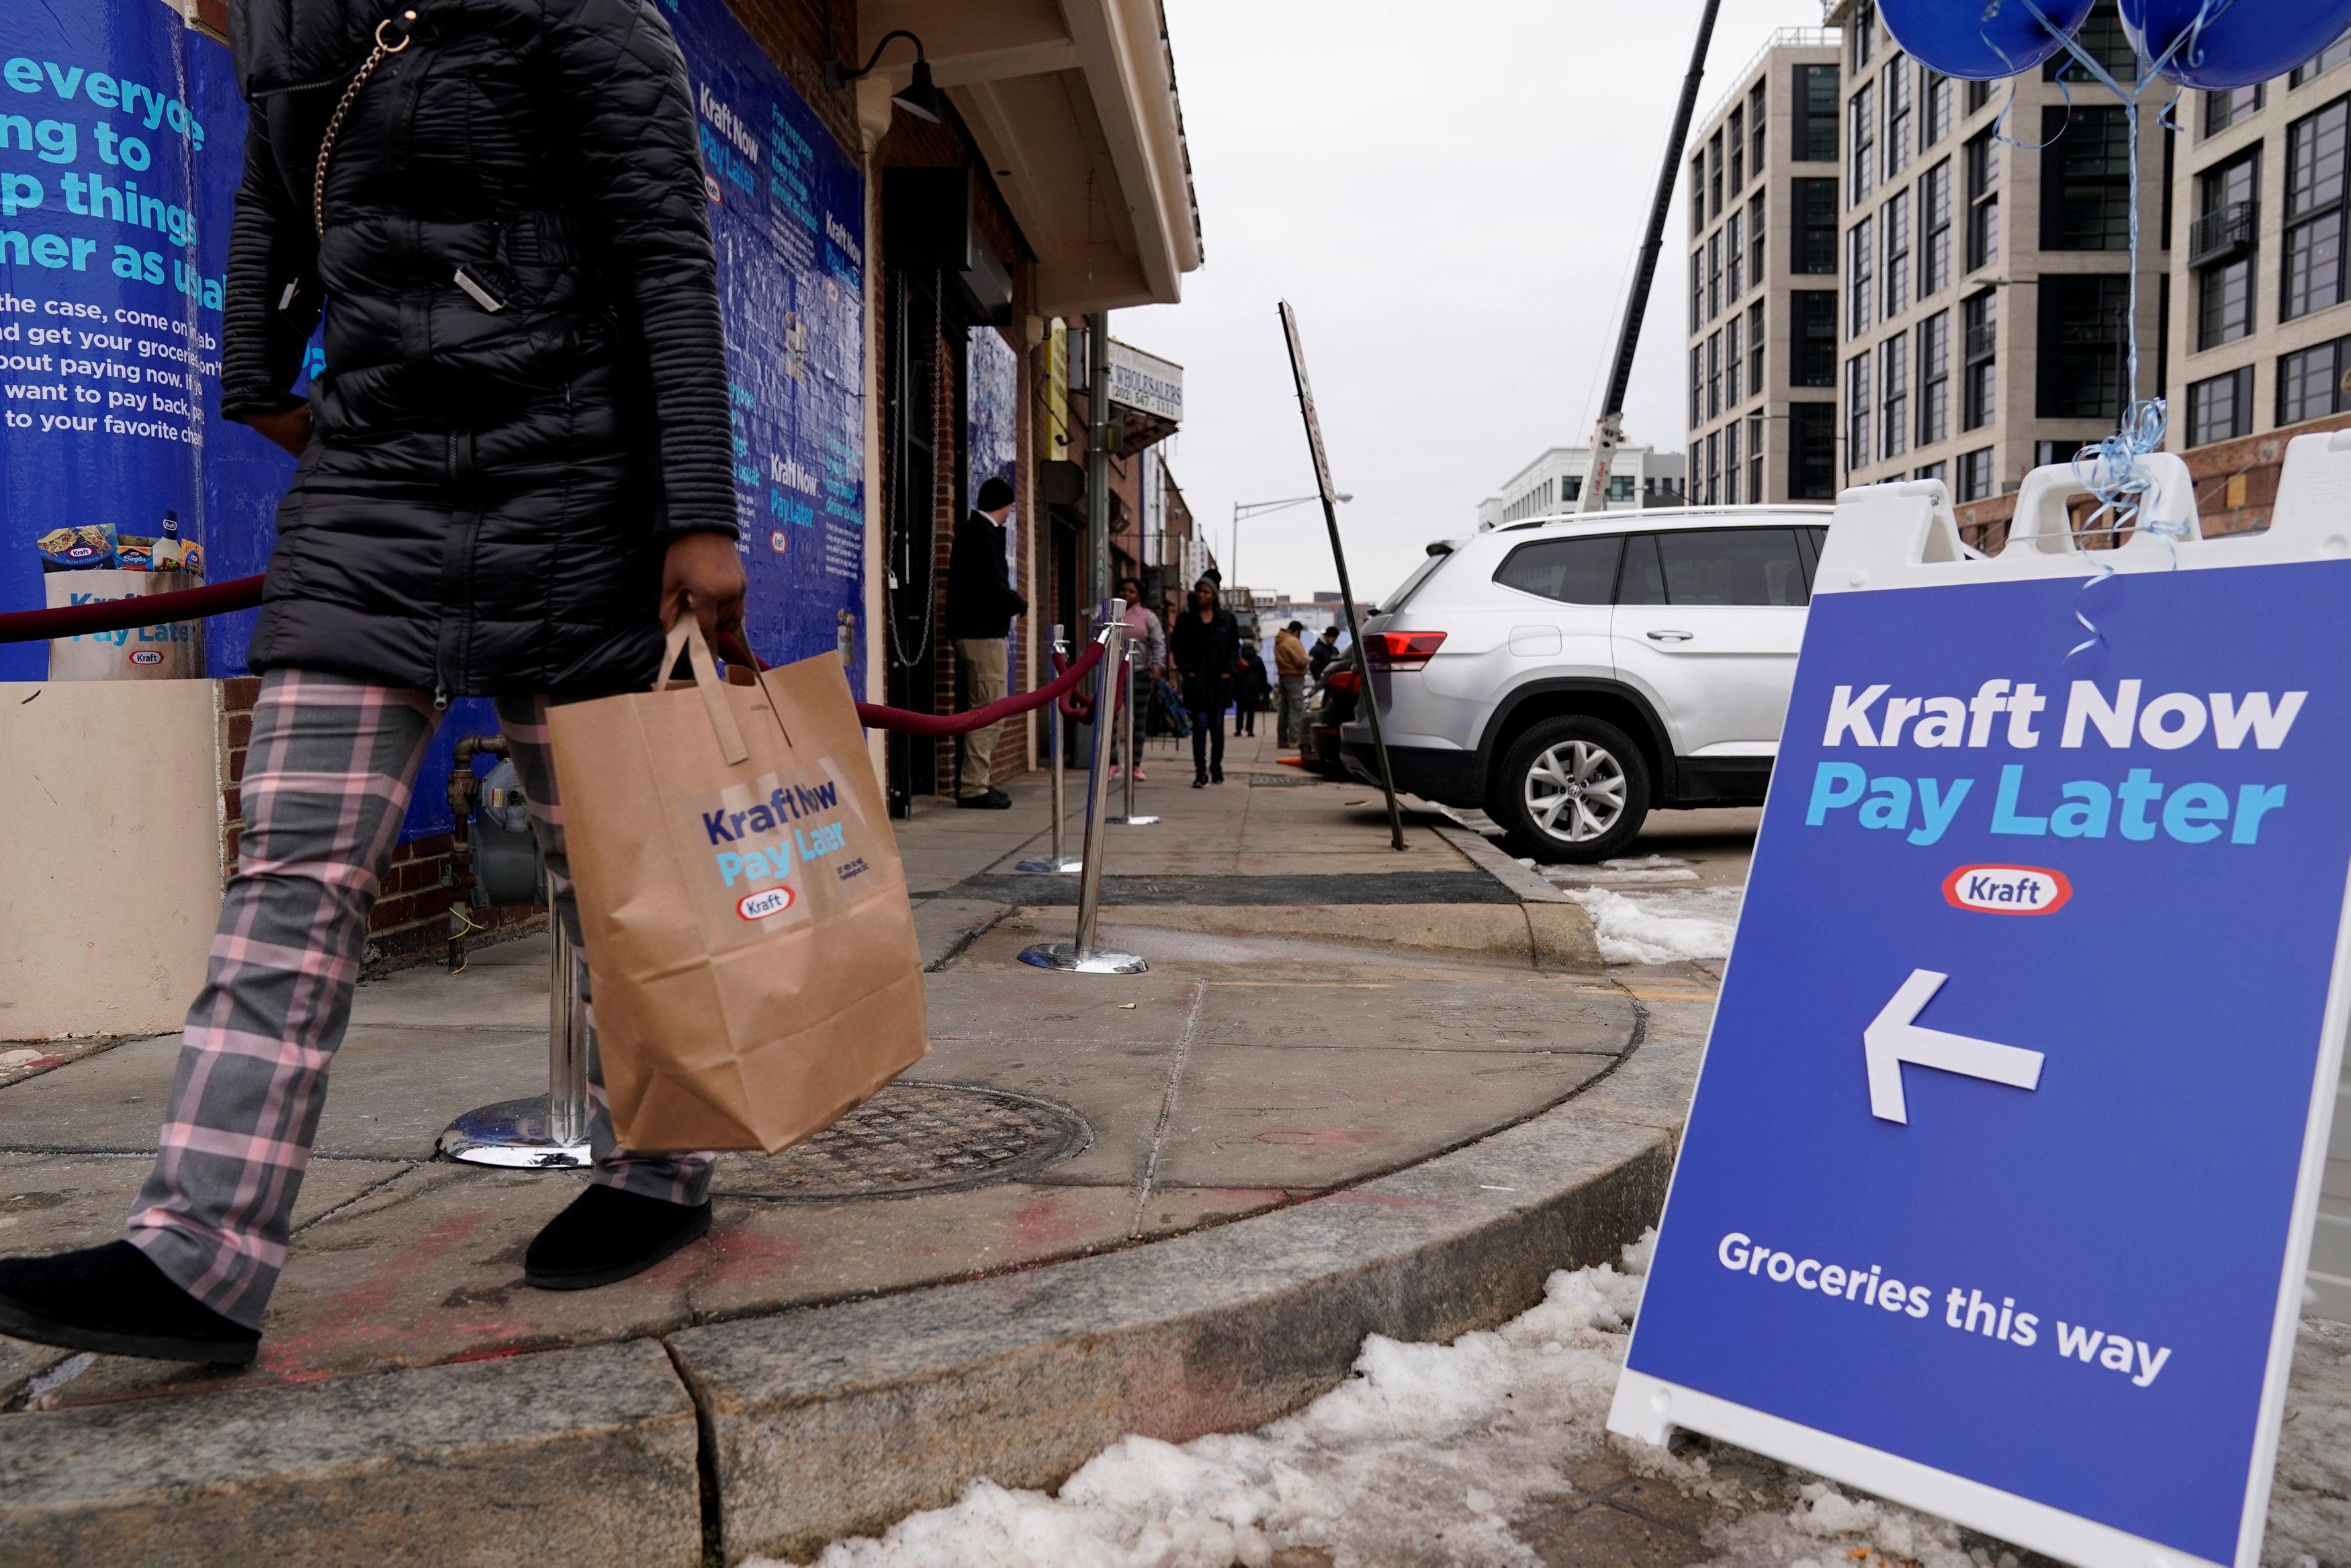 لافتة تضعها الشركة عند مدخل المتجر تدعو المواطنين للحصول على احتياجاتهم والدفع بعد ذلك